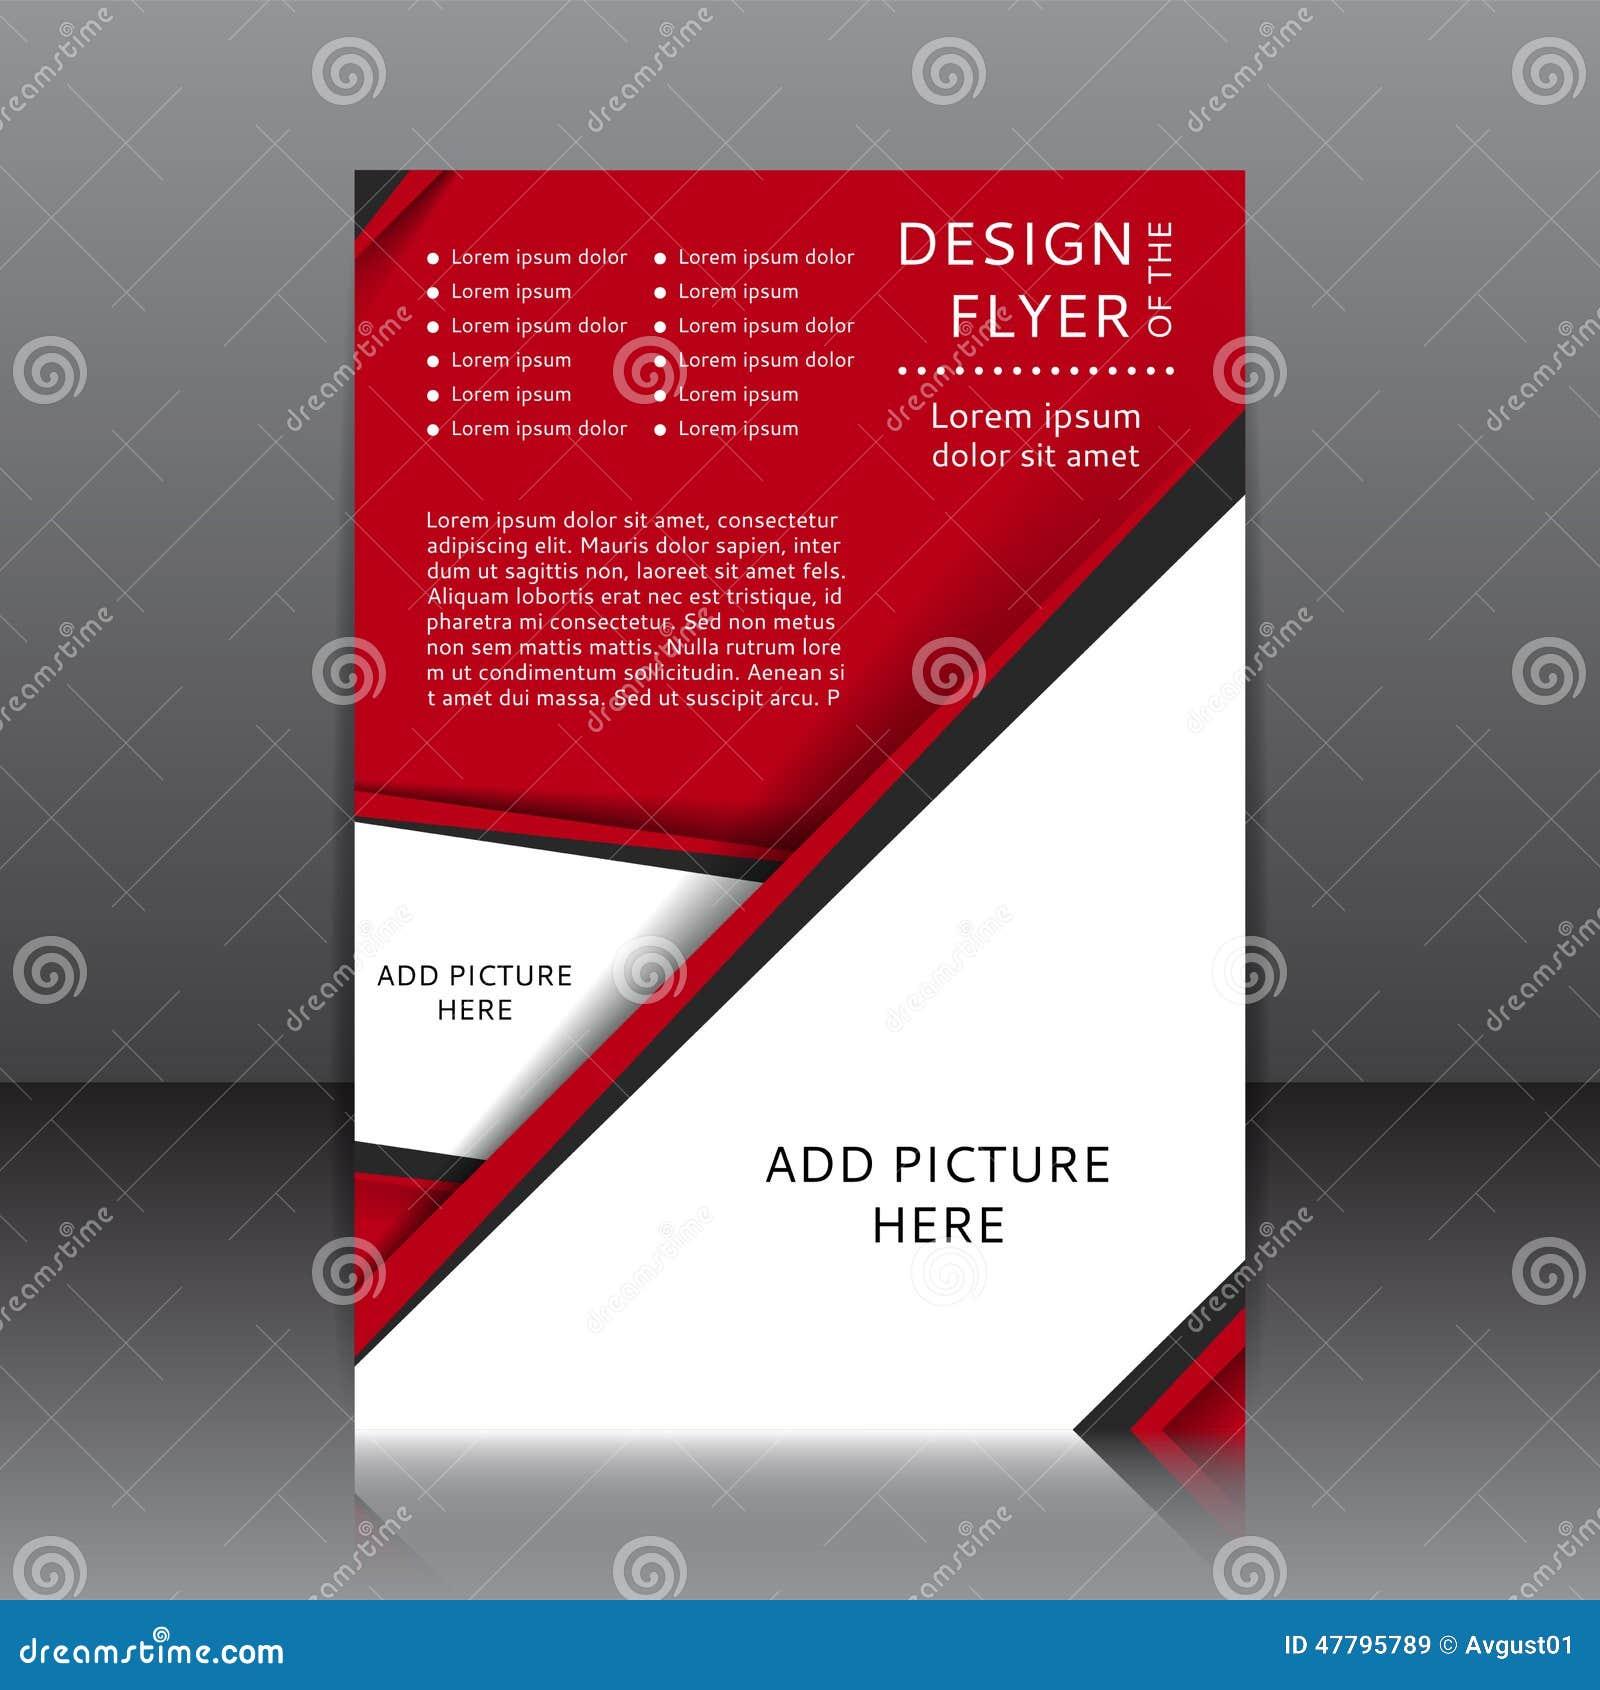 Dirigez la conception de l insecte rouge avec les éléments et les endroits noirs pour des images